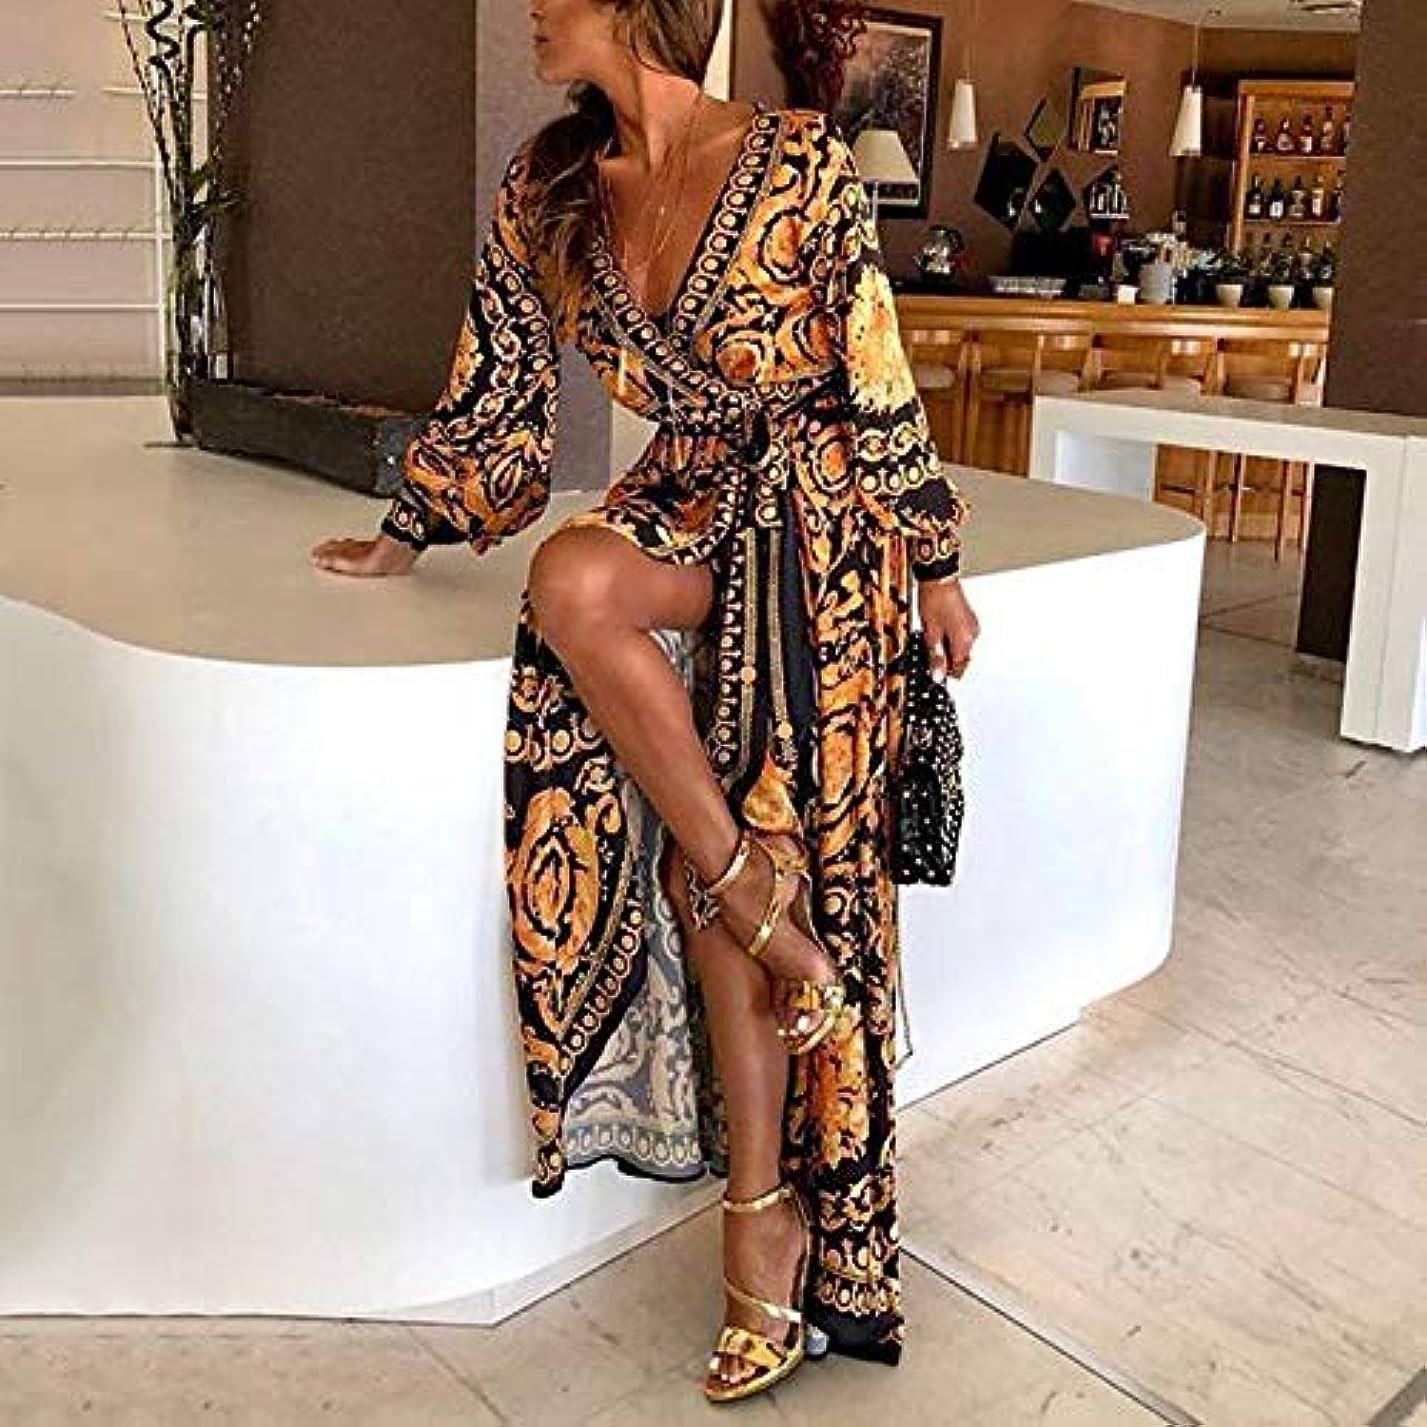 サンプルコマンド石炭Onderroa - ファッションエレガントな女性のセクシーなボートネックグリッターディープVネックドレスパーティーフォーマルロングドレスを印刷